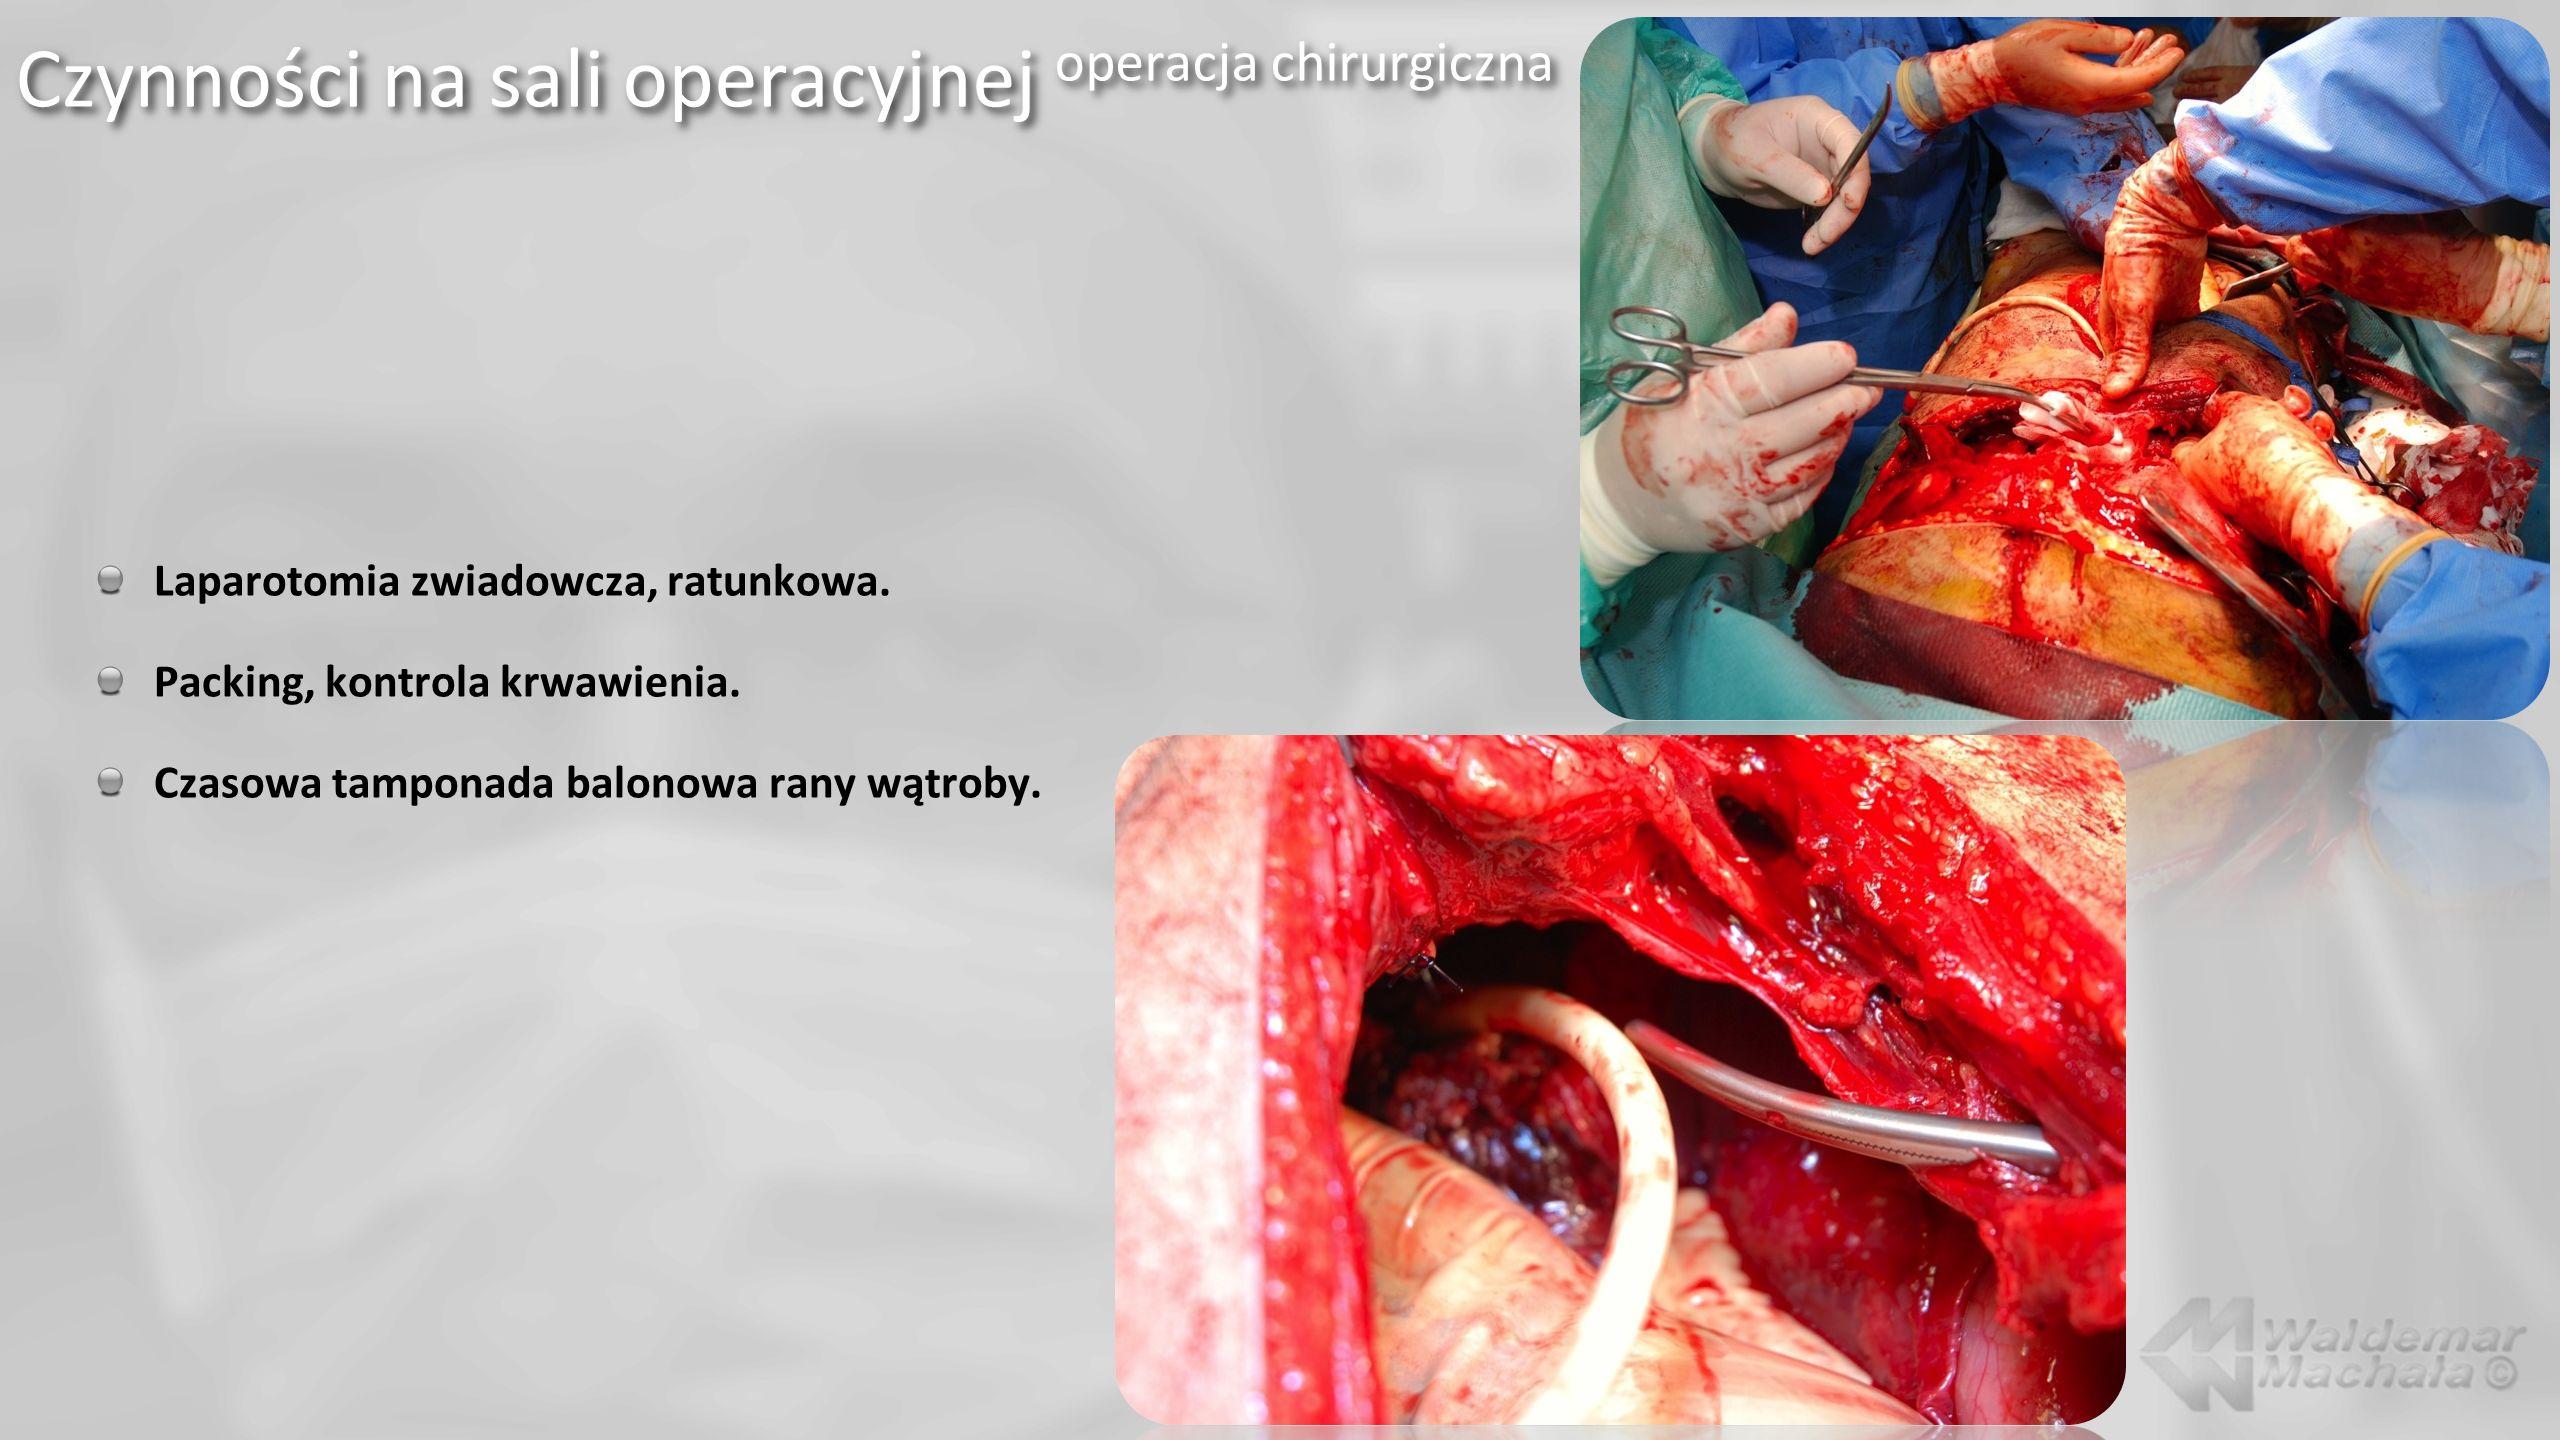 Czynności na sali operacyjnej operacja chirurgiczna